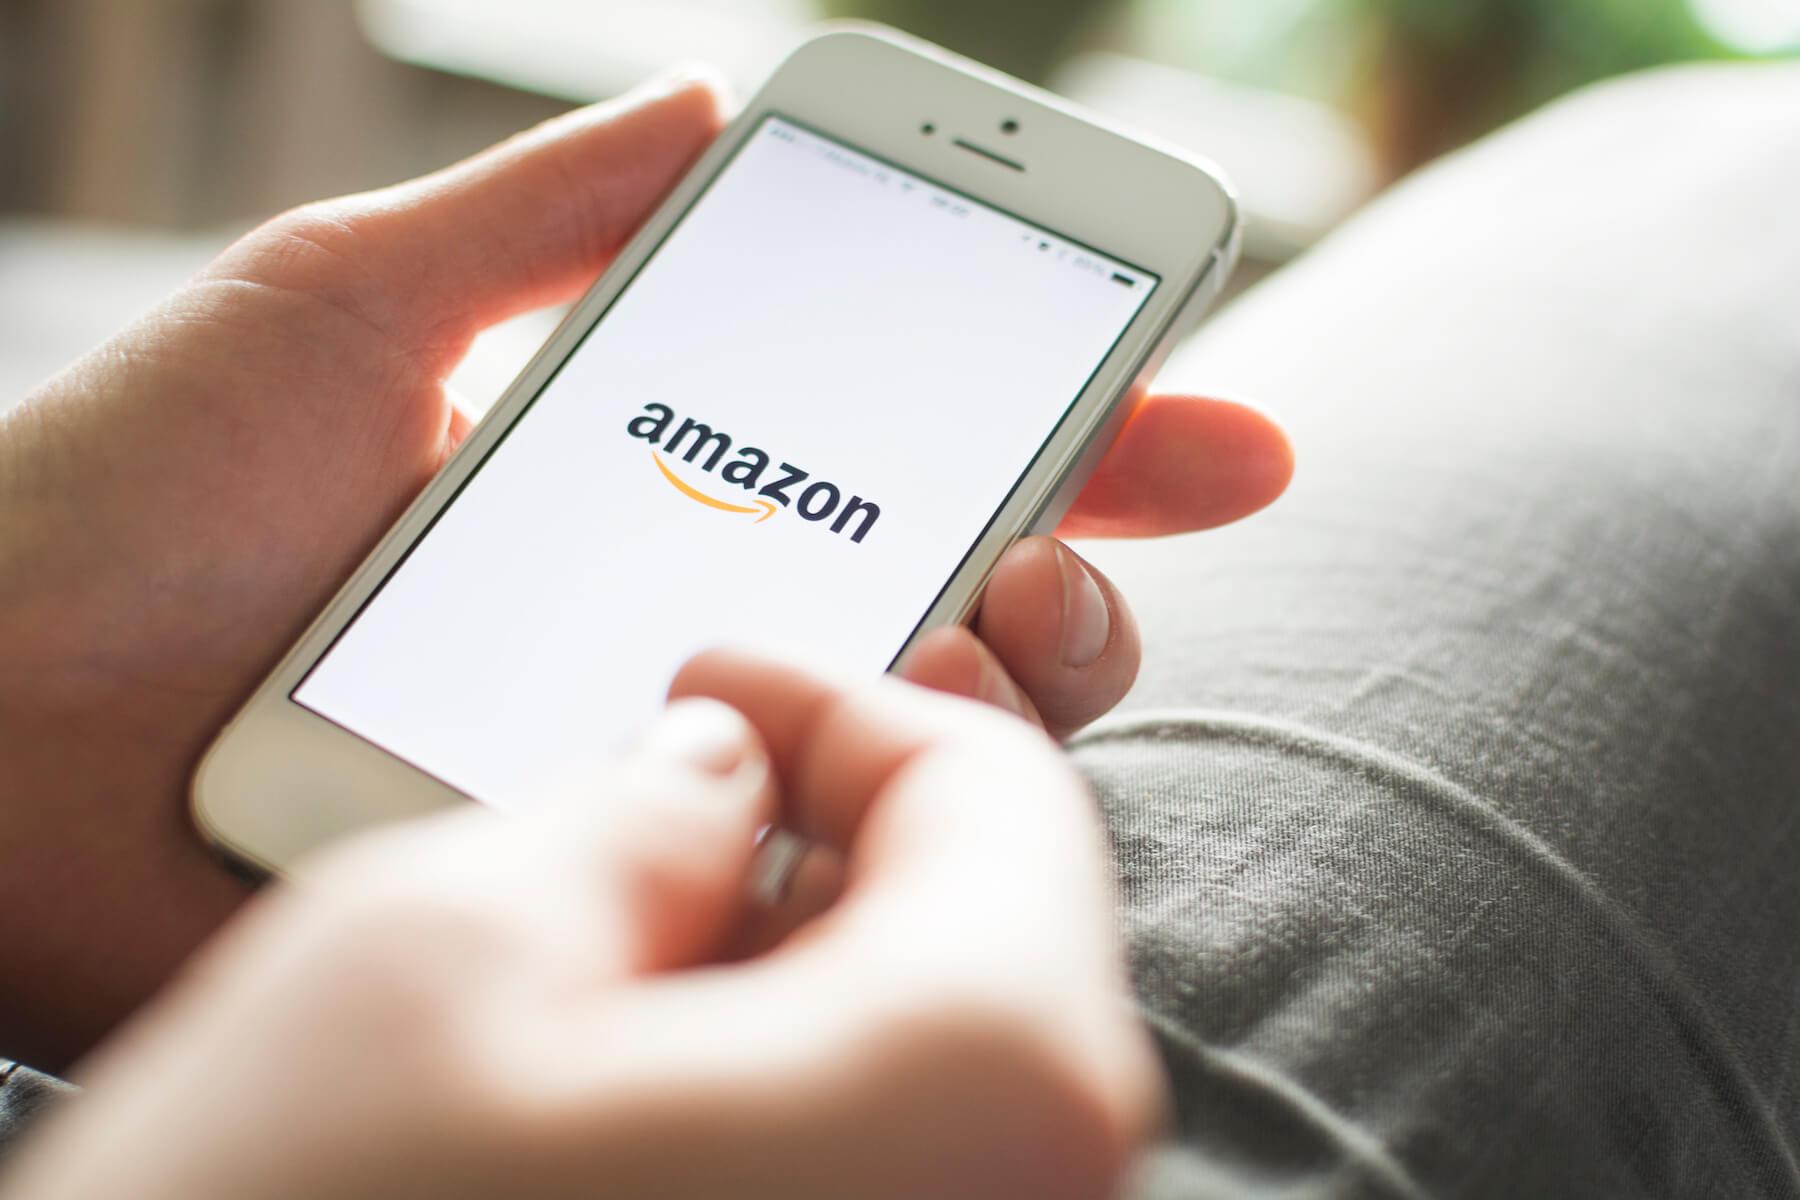 amazon-shopping-app-mit-alexa-sprachsteuerung